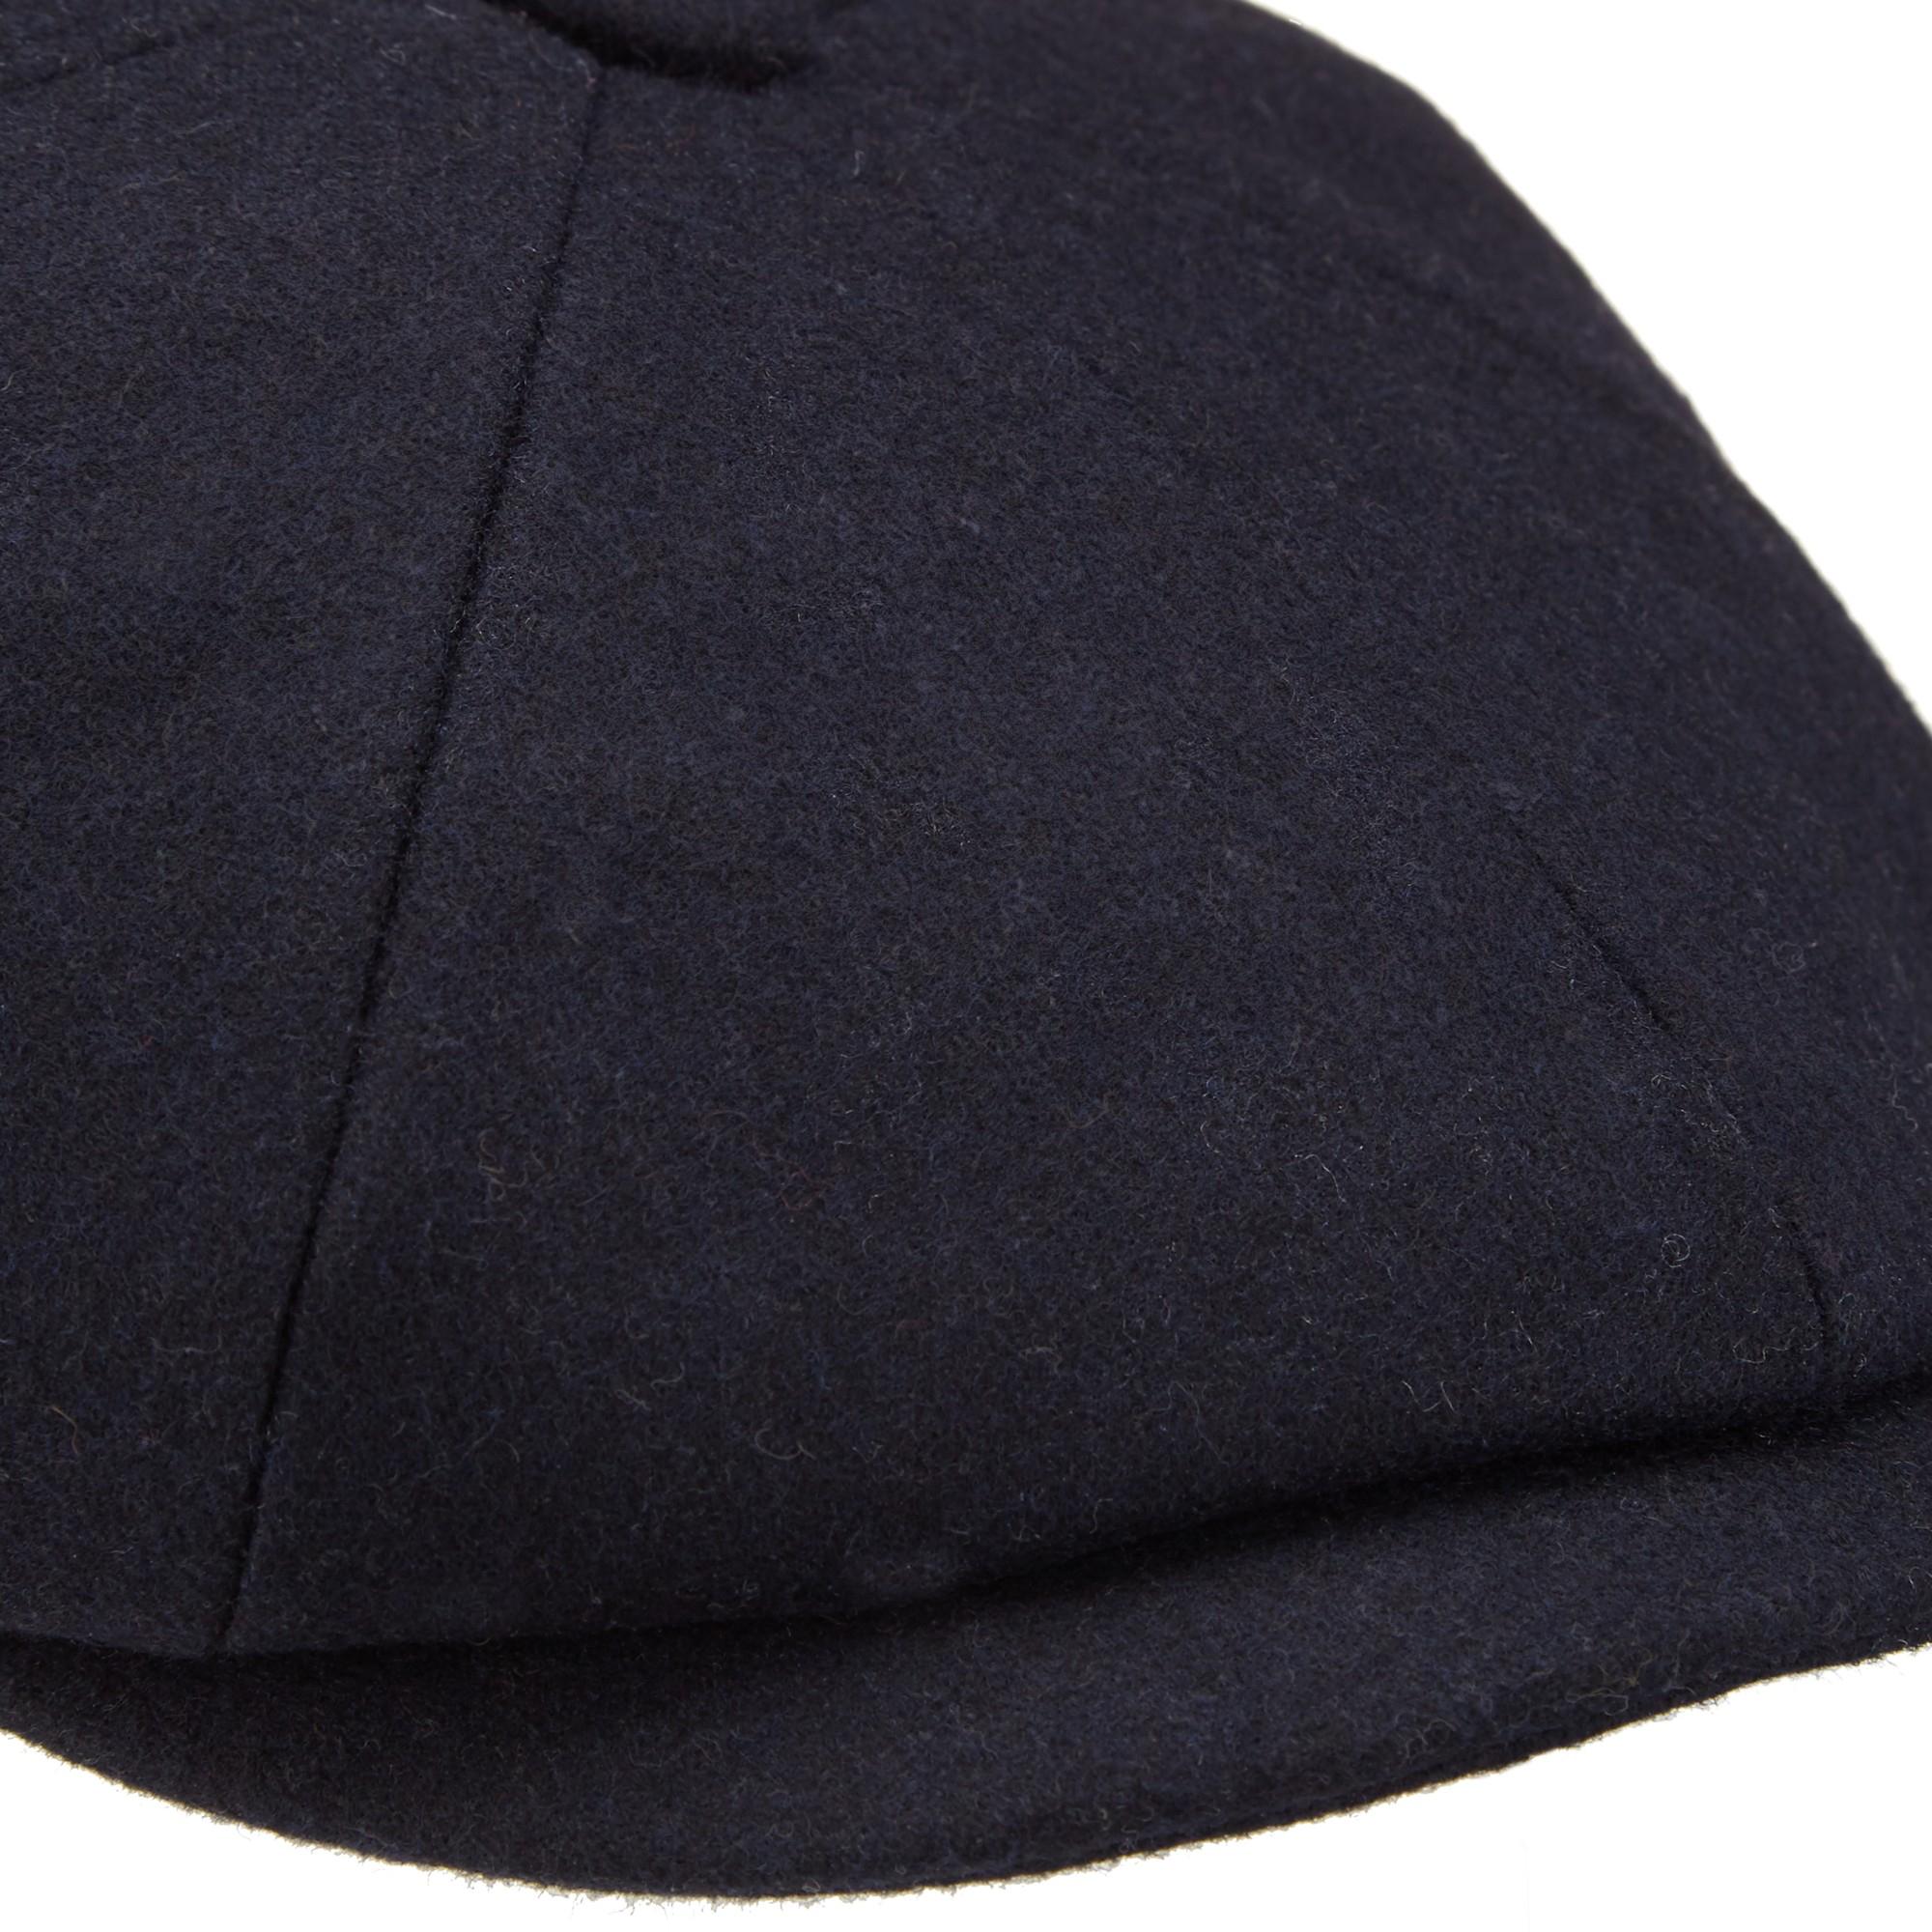 1a990594334 John Lewis Melton Baker Boy Hat in Blue for Men - Lyst